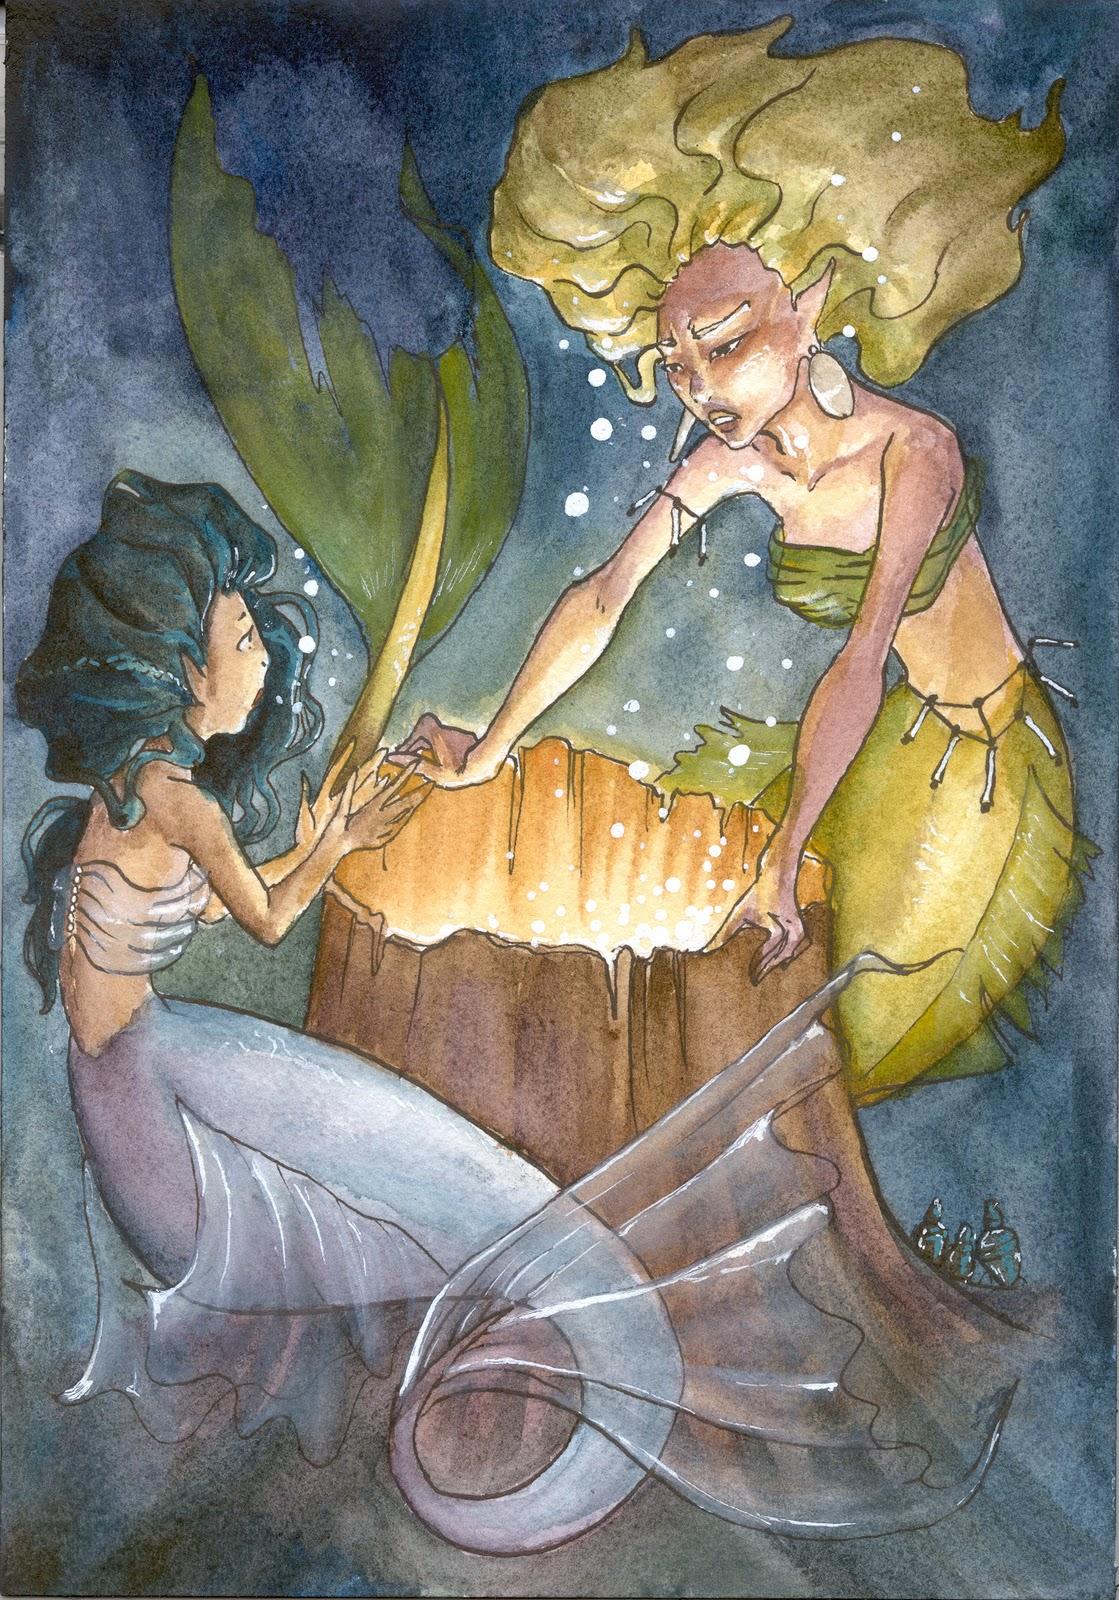 http://4.bp.blogspot.com/--XKFUB7chQc/TvY1p0yzgKI/AAAAAAAAAjM/HL5nFS9IbAA/s1600/mermaid14.jpg